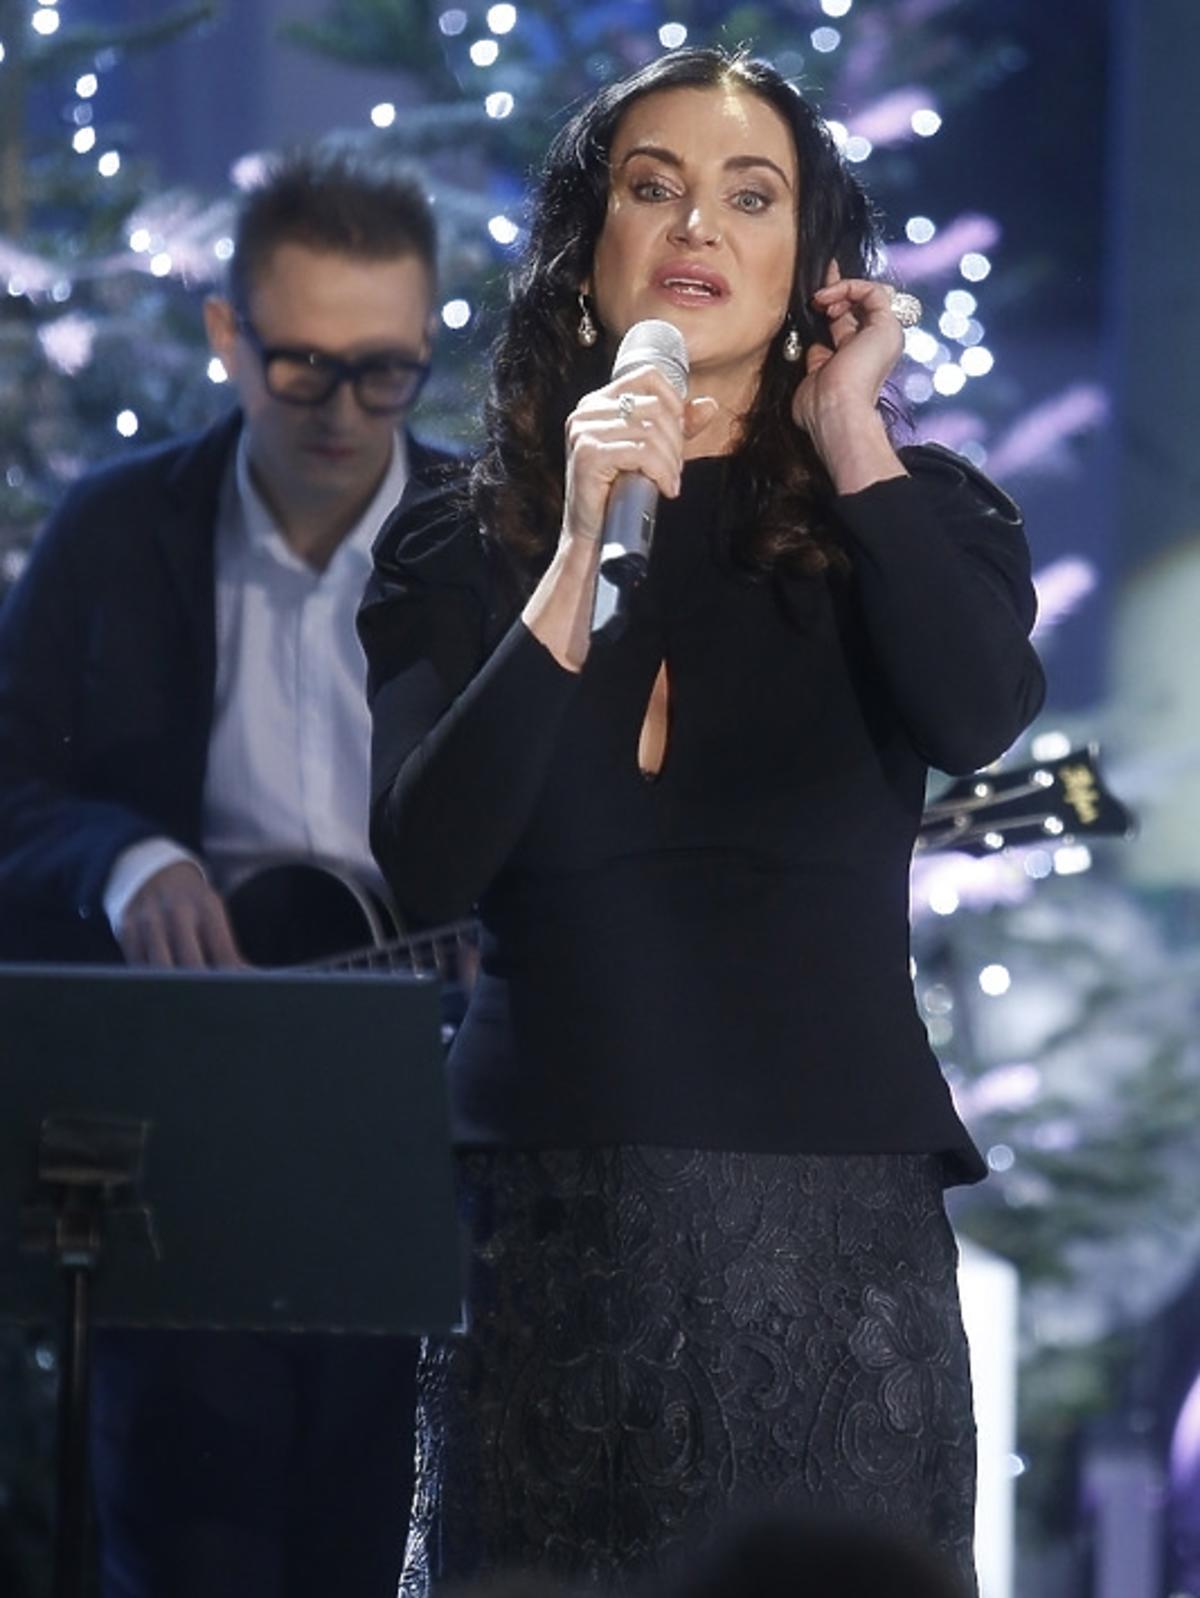 Kayah podczas świątecznego koncertu w Pałacu Prezydenckim